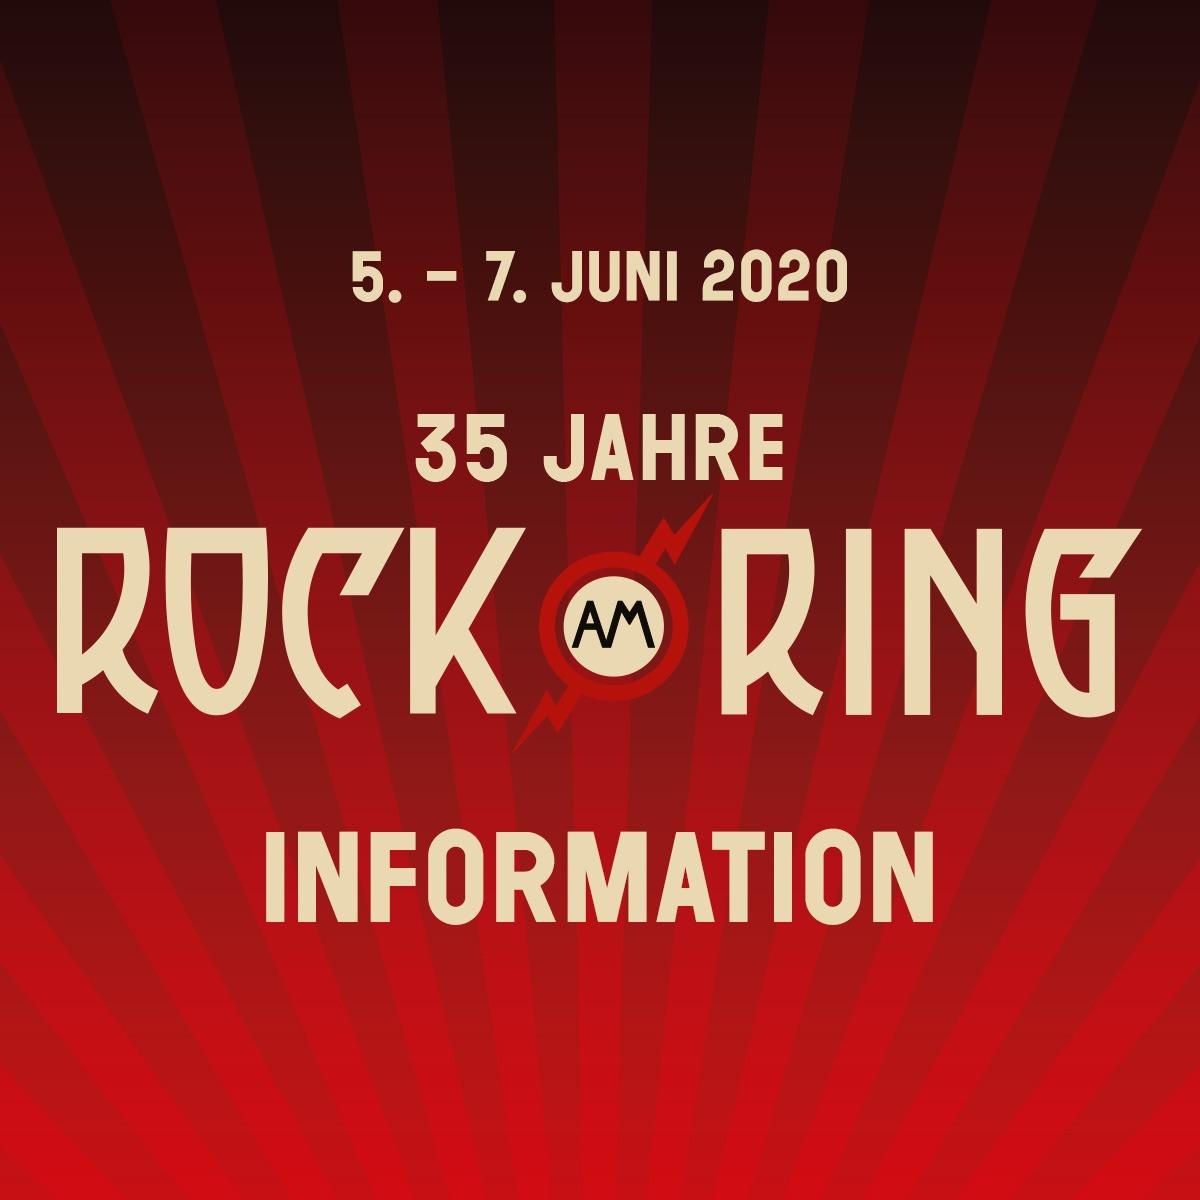 Findet Rock am Ring 2020 statt